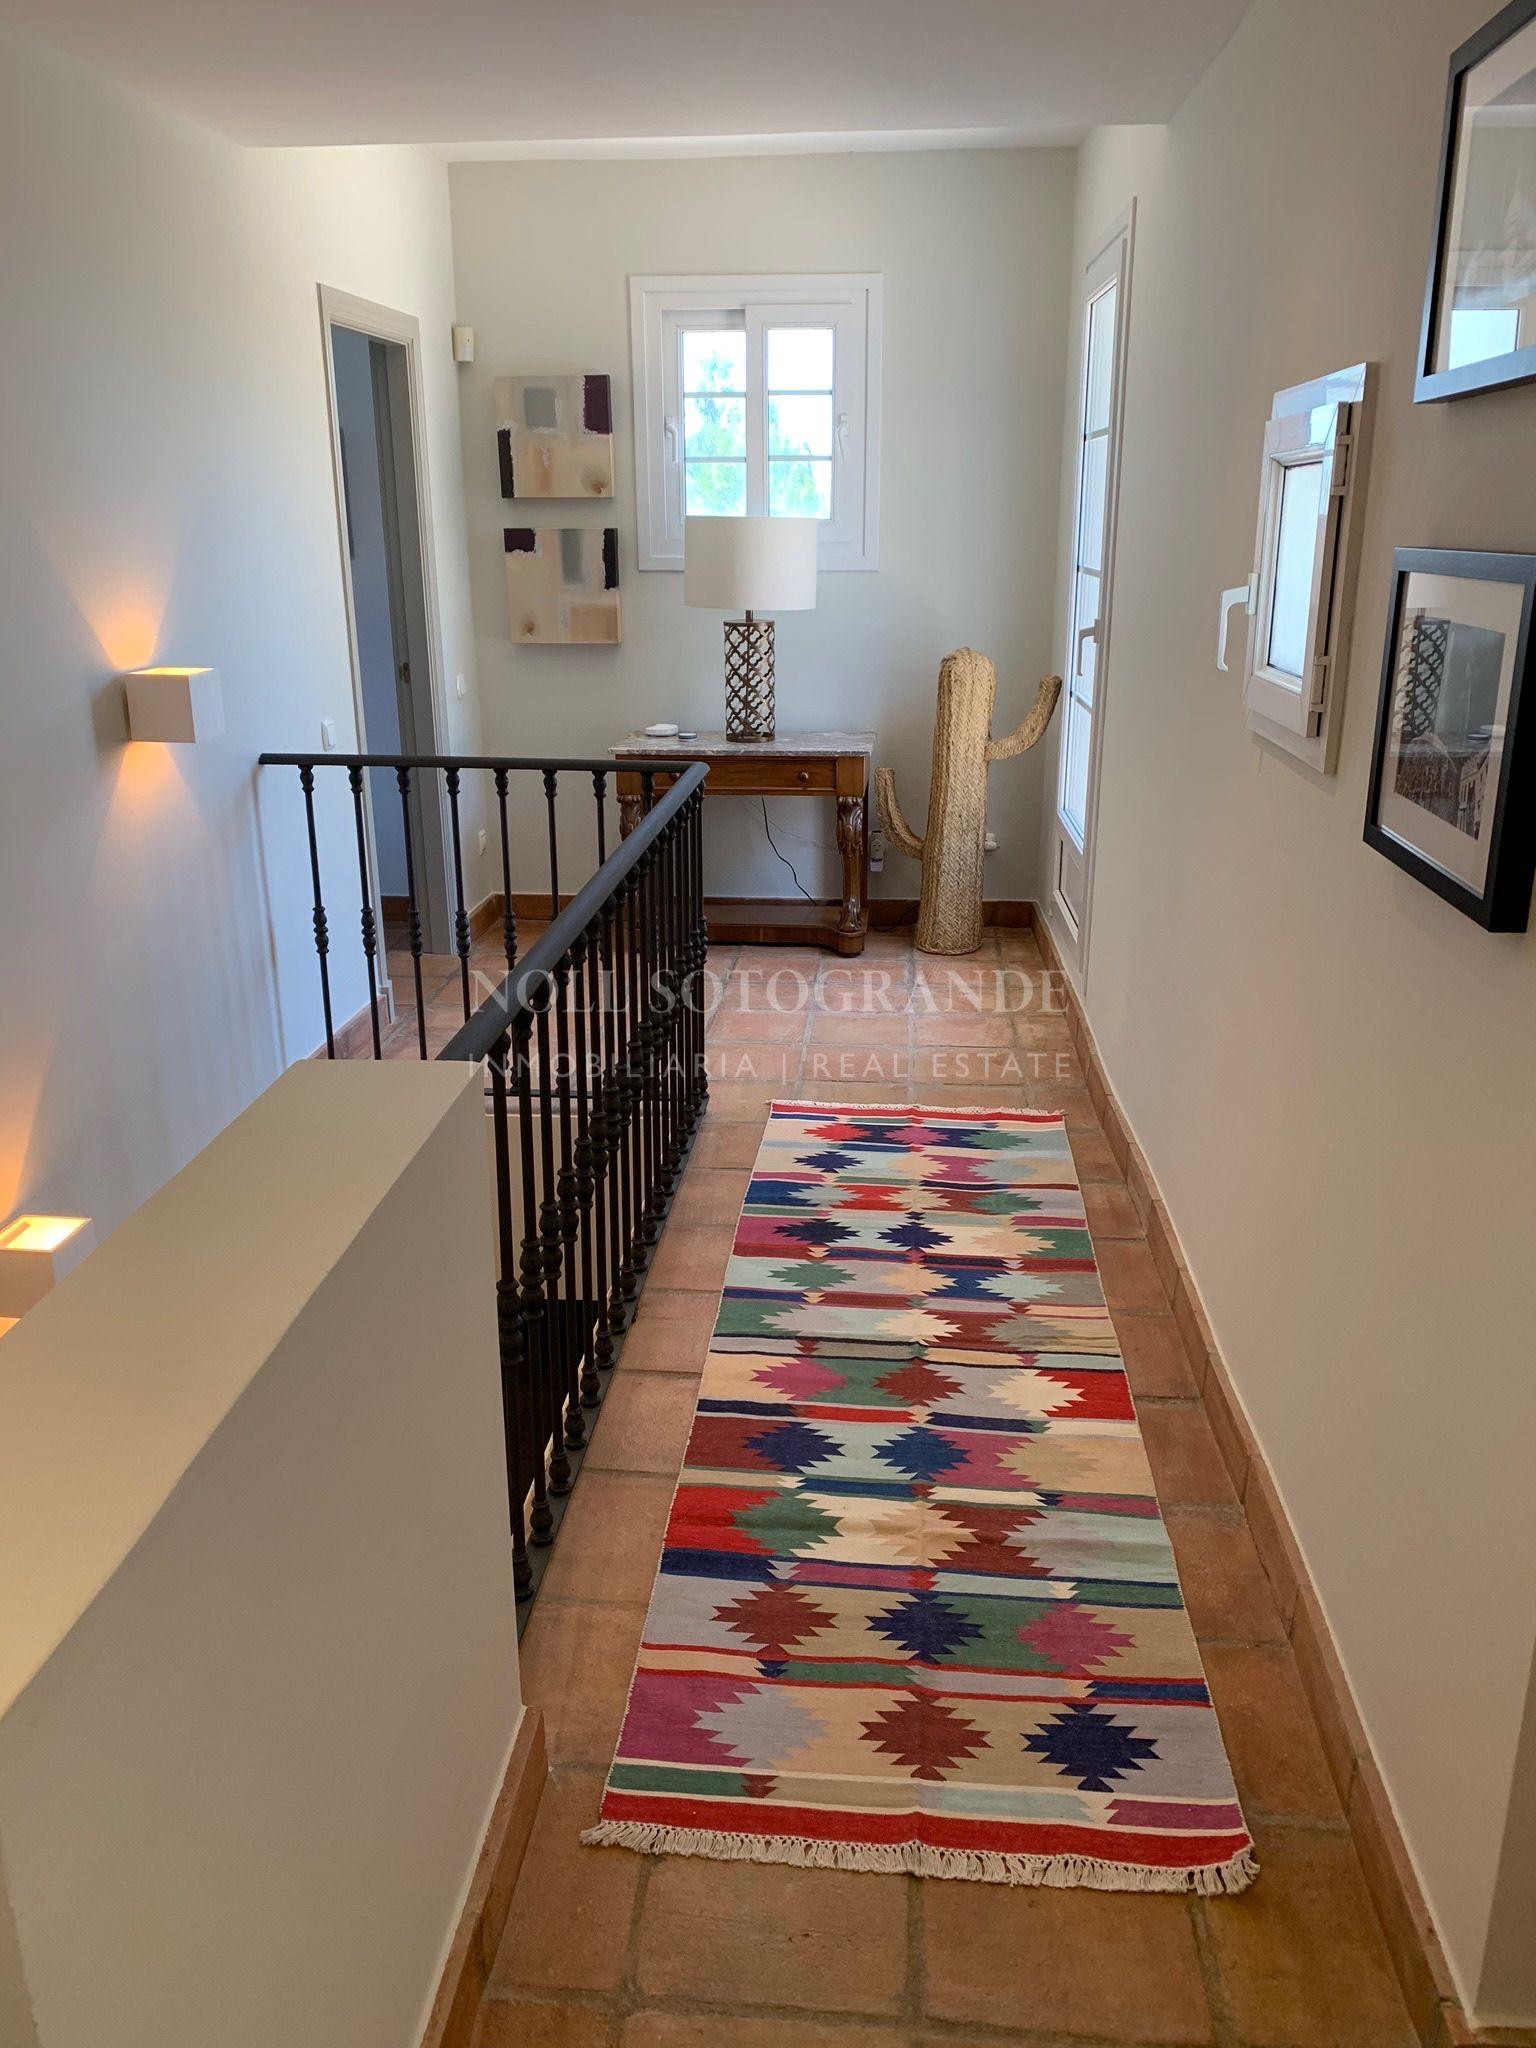 Casa de mucho encanto en alquiler a corto plazo - Sotogrande Alto